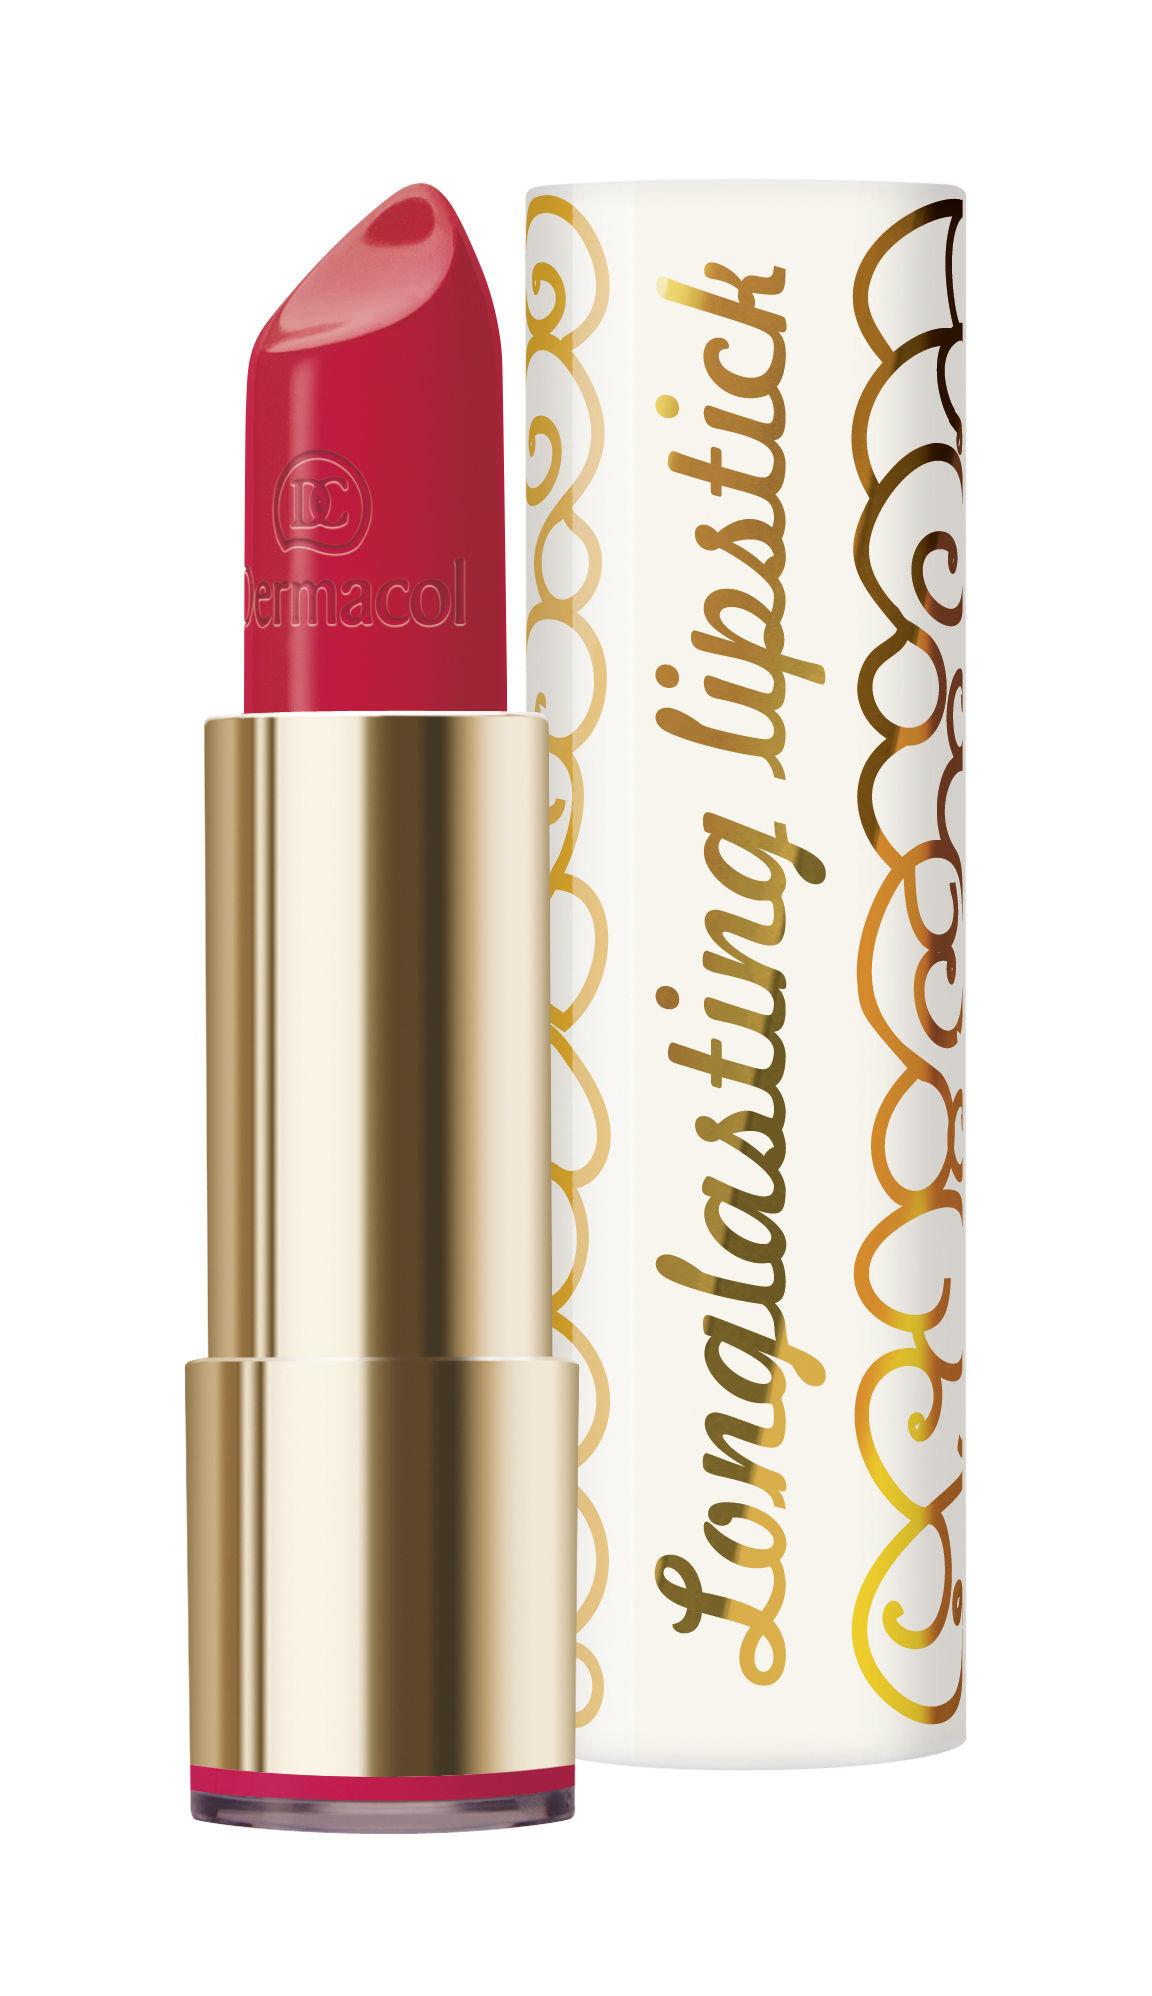 Dermacol Longlasting Cosmetic 4,8ml 07